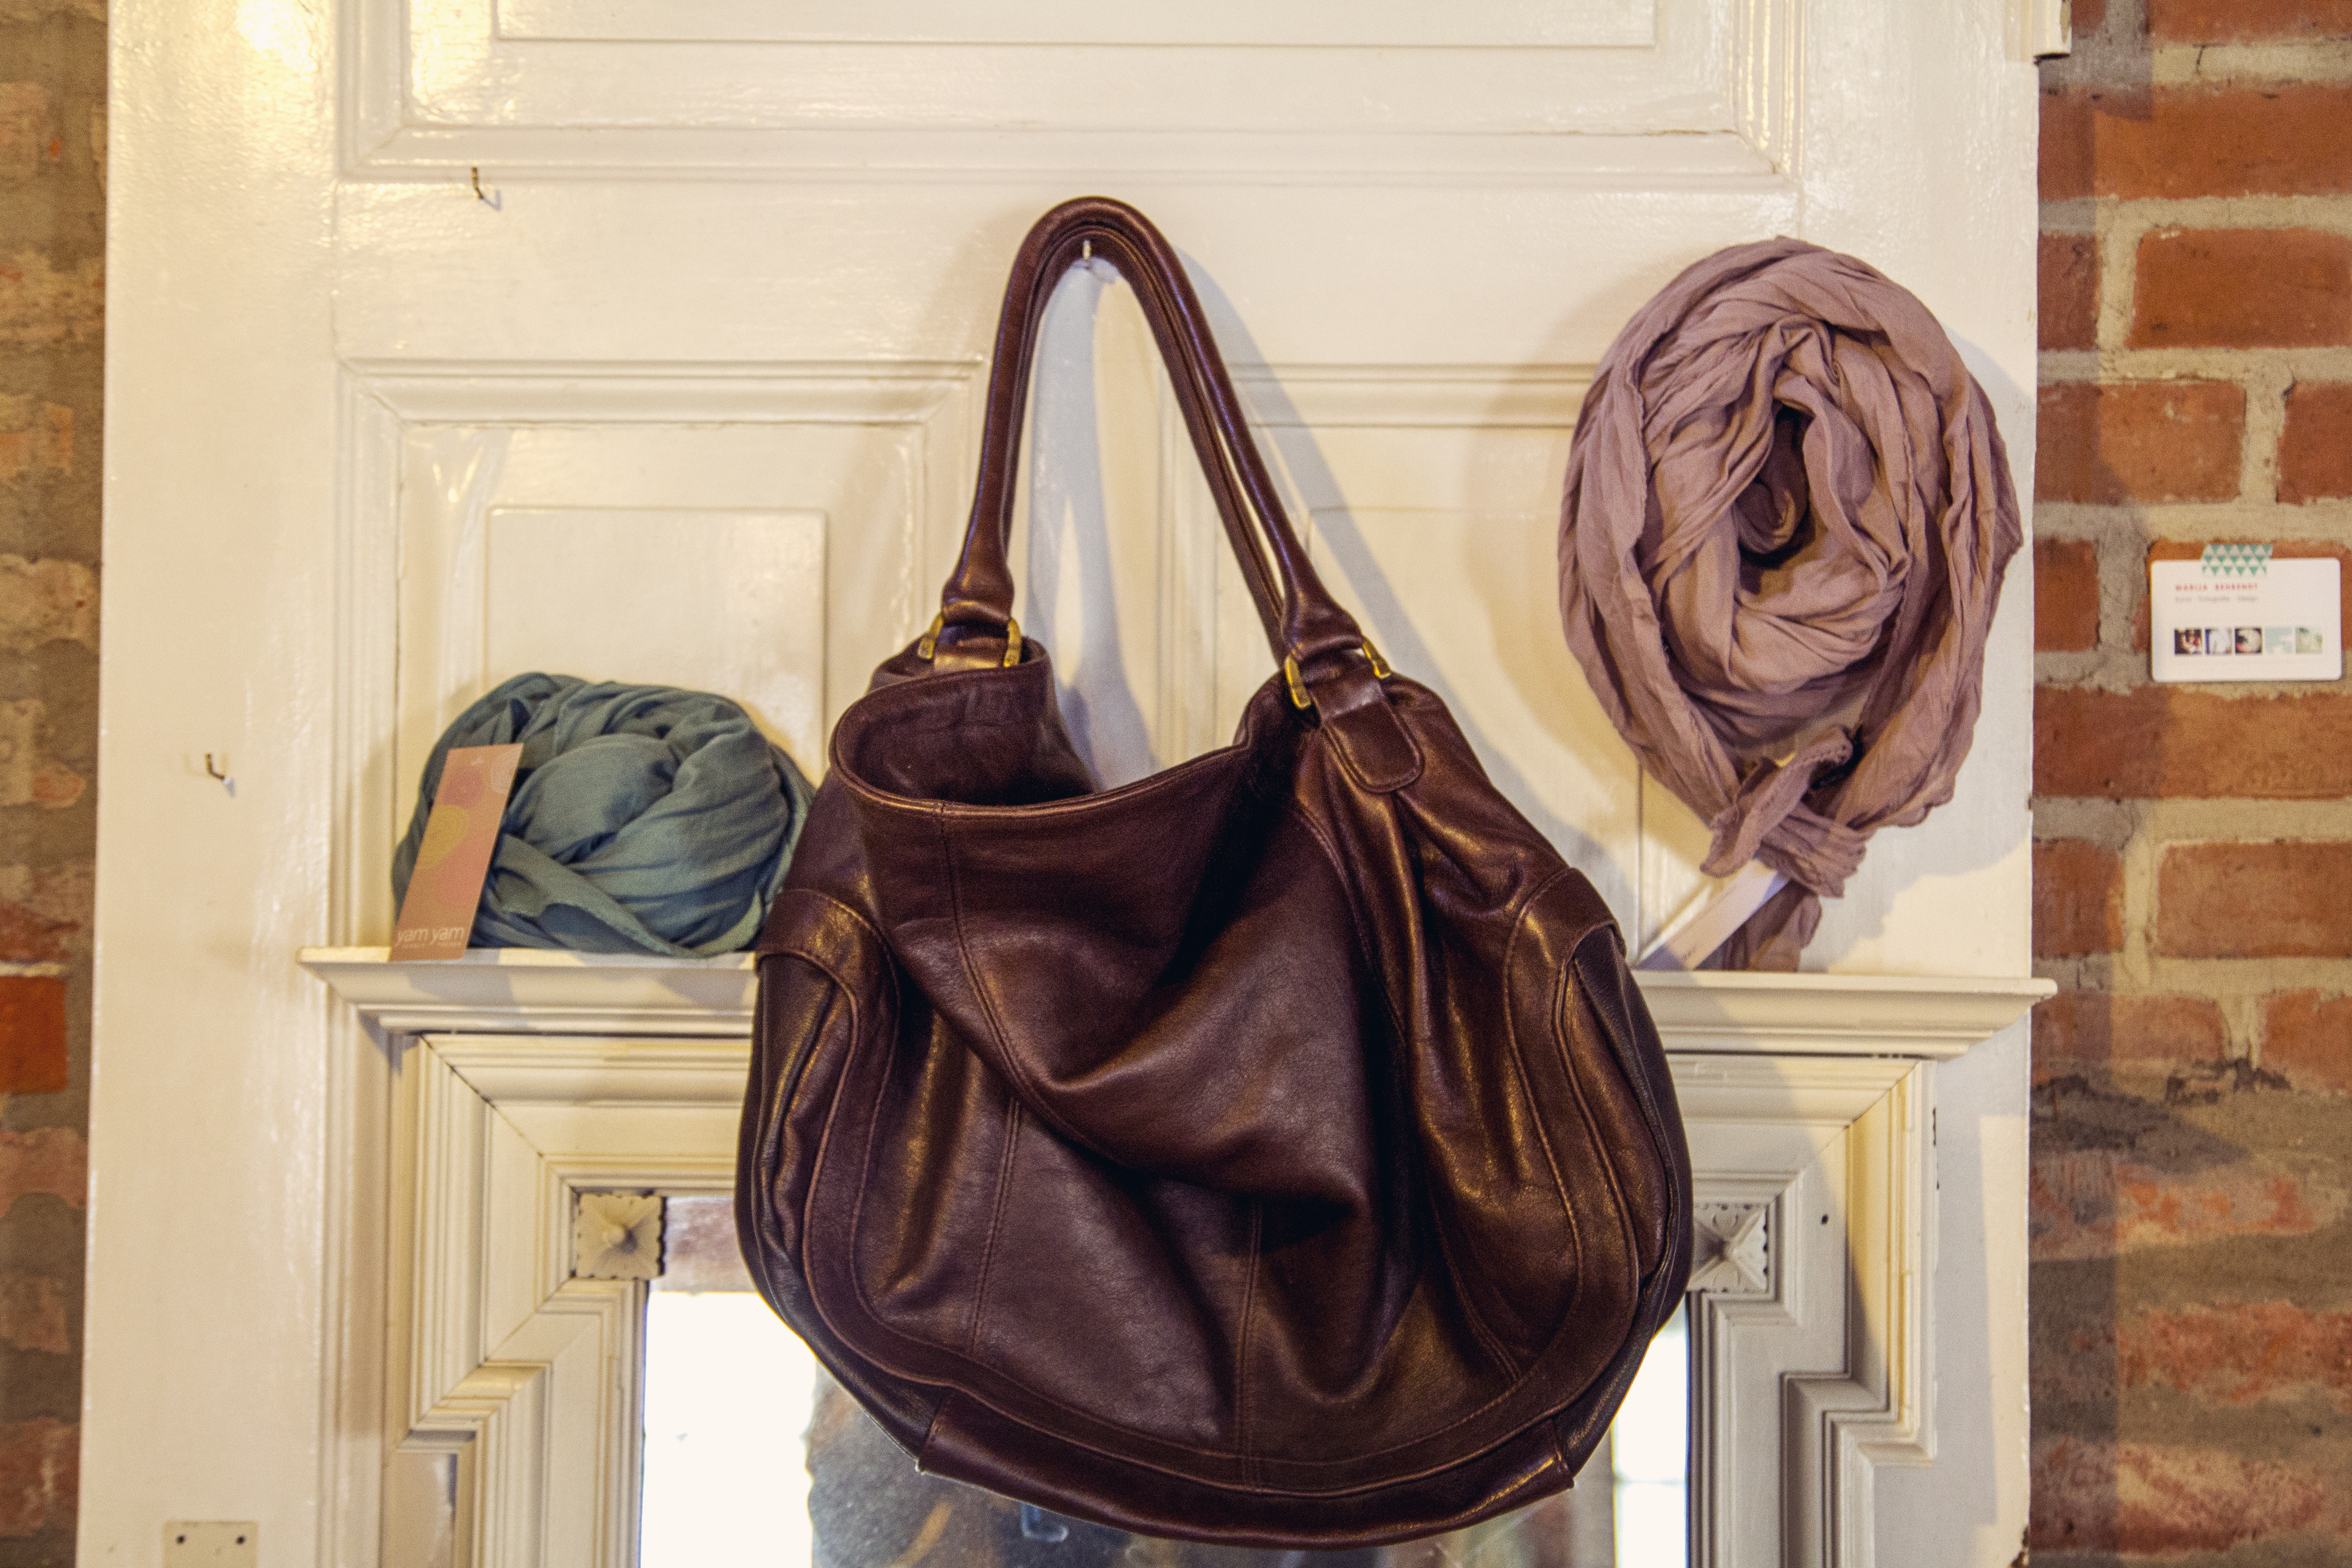 fachwerk13-daenischenhagen-braunehandtasche